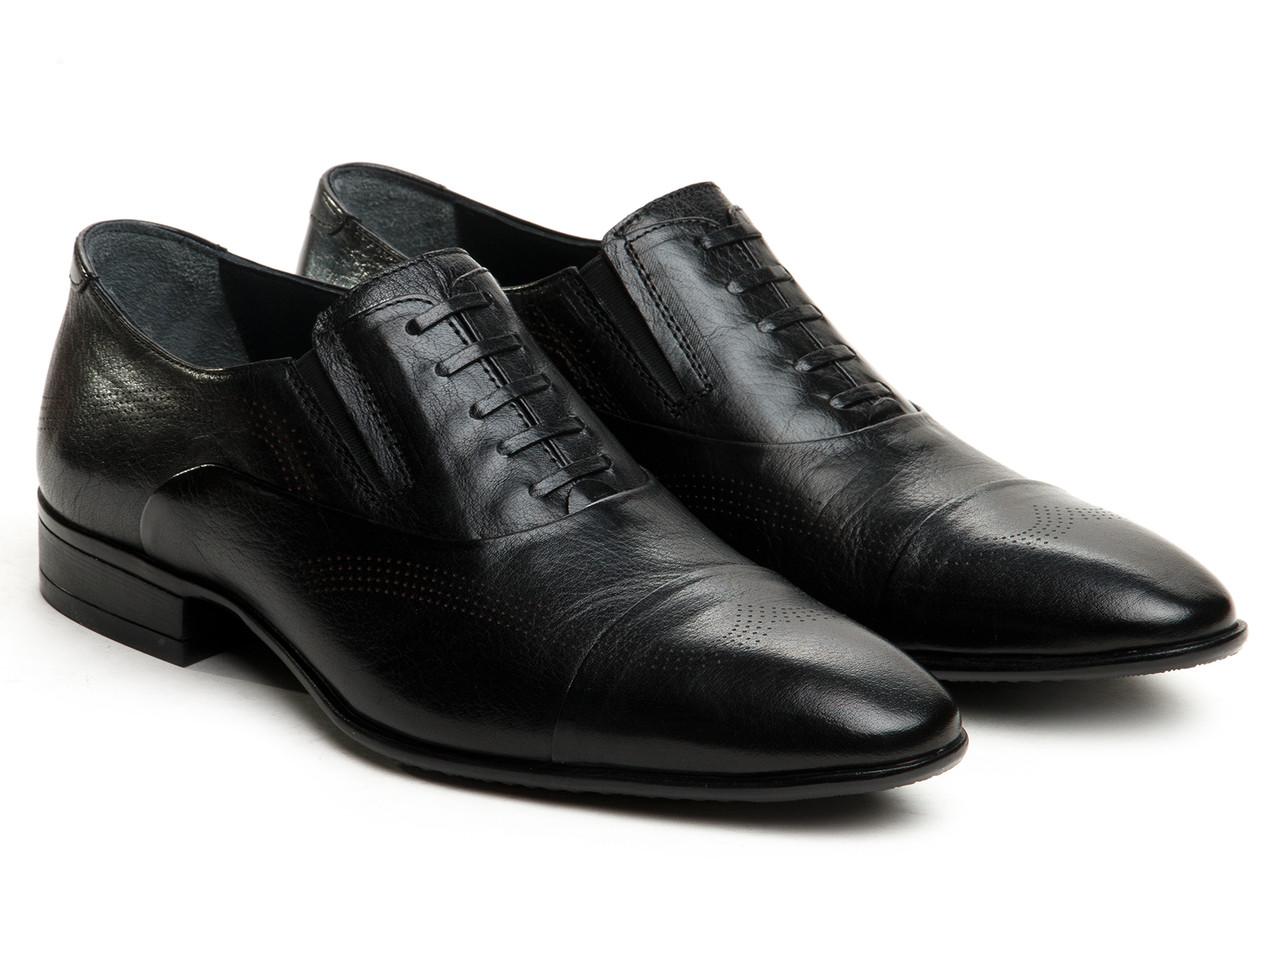 Туфли Etor 10335-852-1 черные